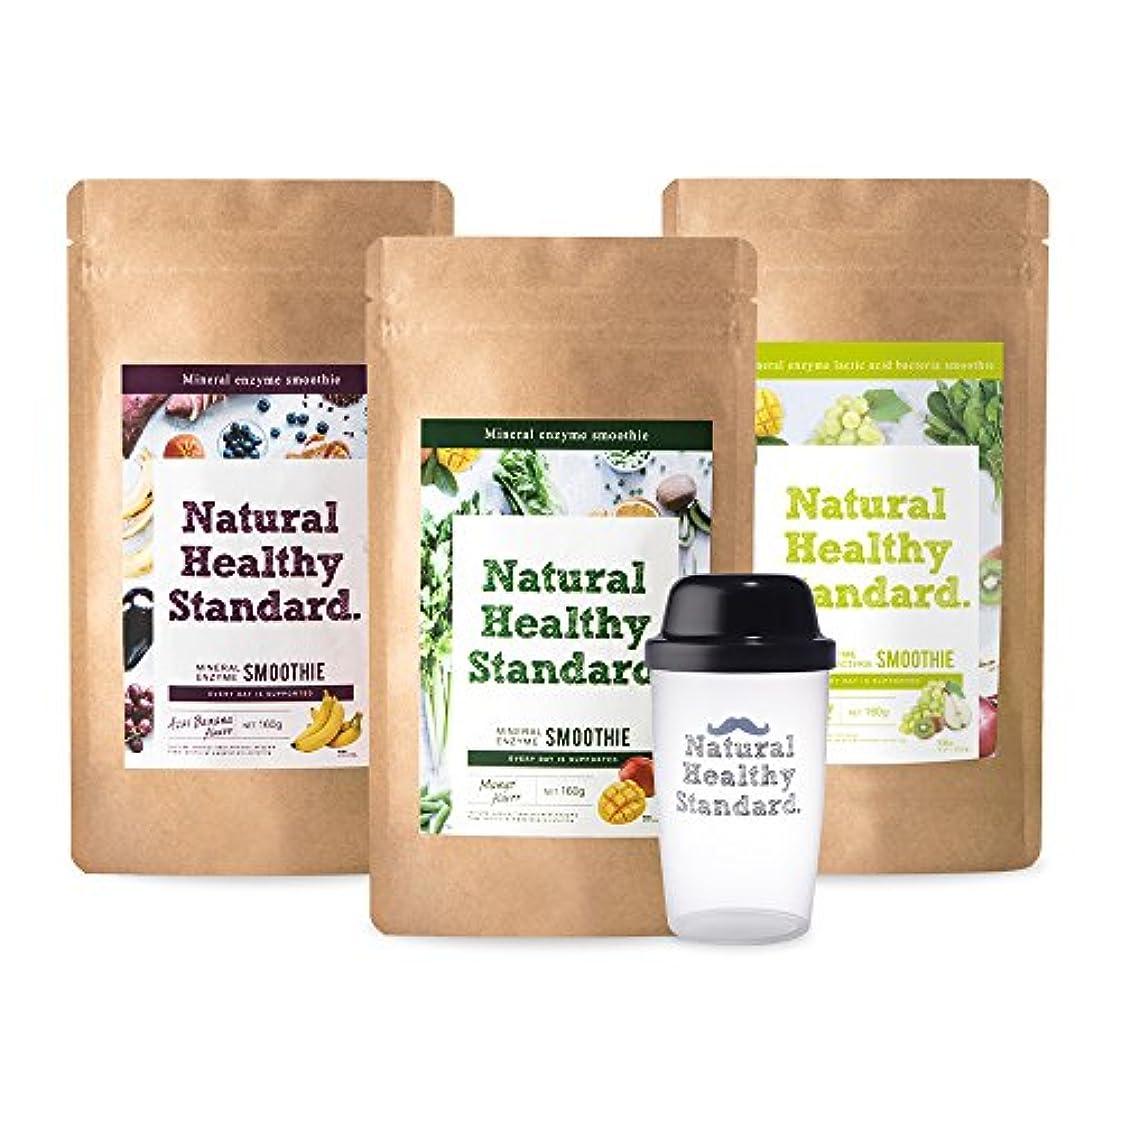 小石ブレスはちみつNatural Healthy Standard. 選べるスムージー3袋セット 160g×3袋 (マンゴー×アサイーバナナ×乳酸菌グリーンフルーティー風味)